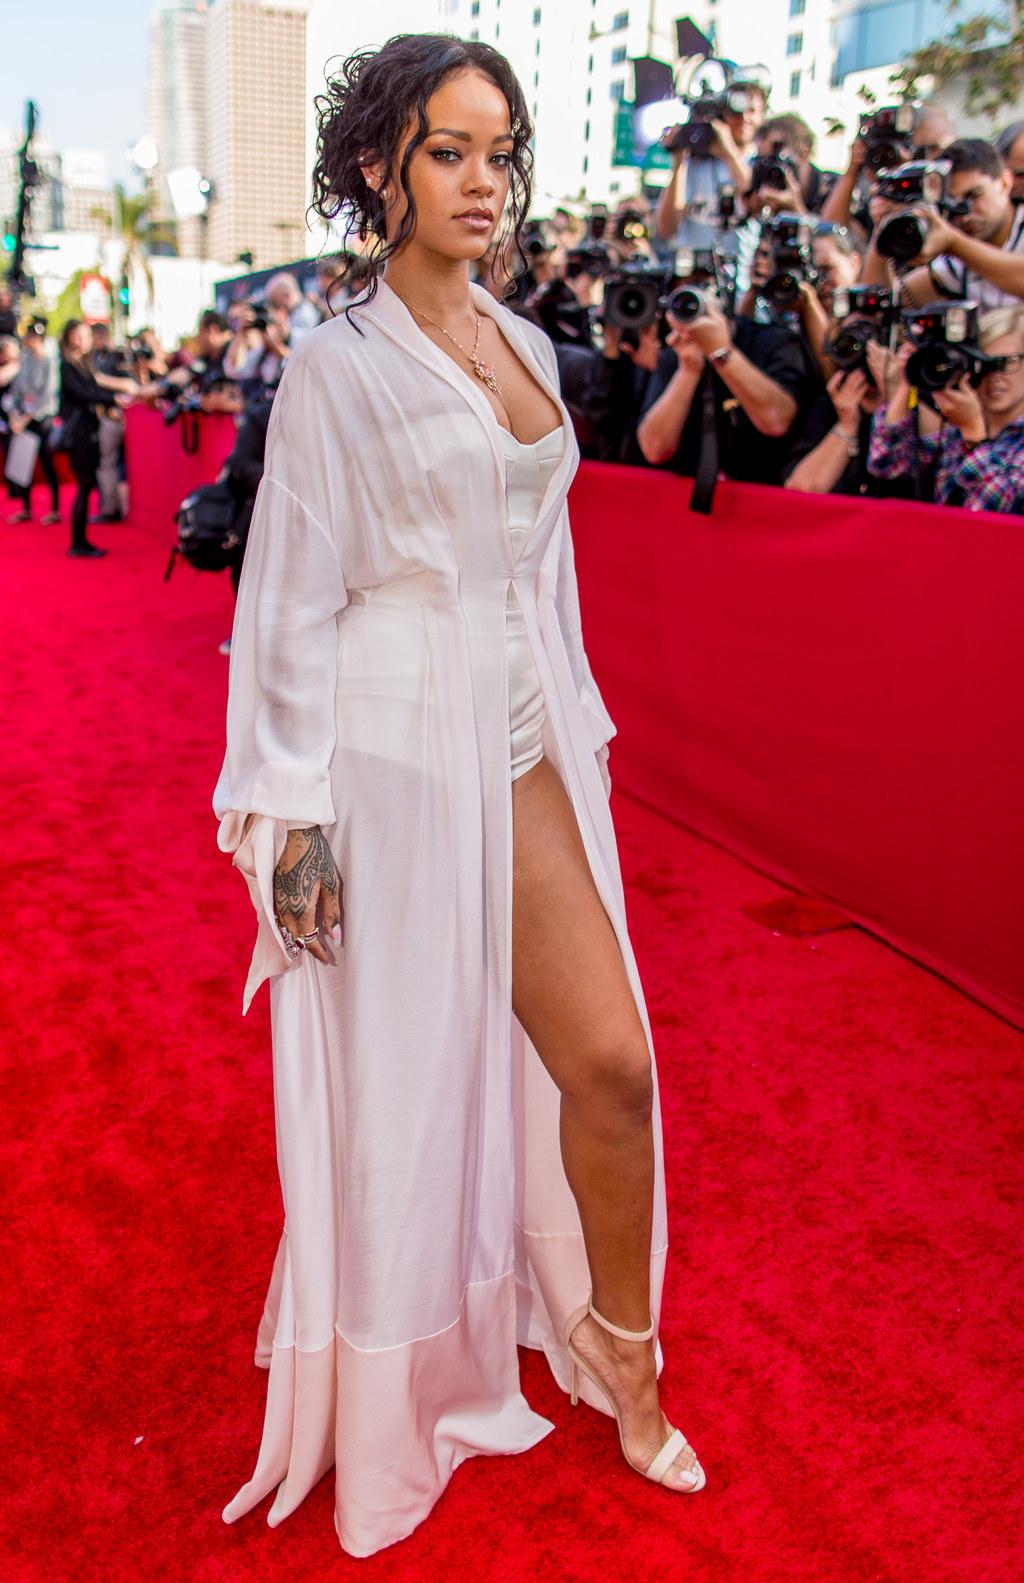 For Anyone Who Truly Appreciates Rihanna's Remarkable Beauty